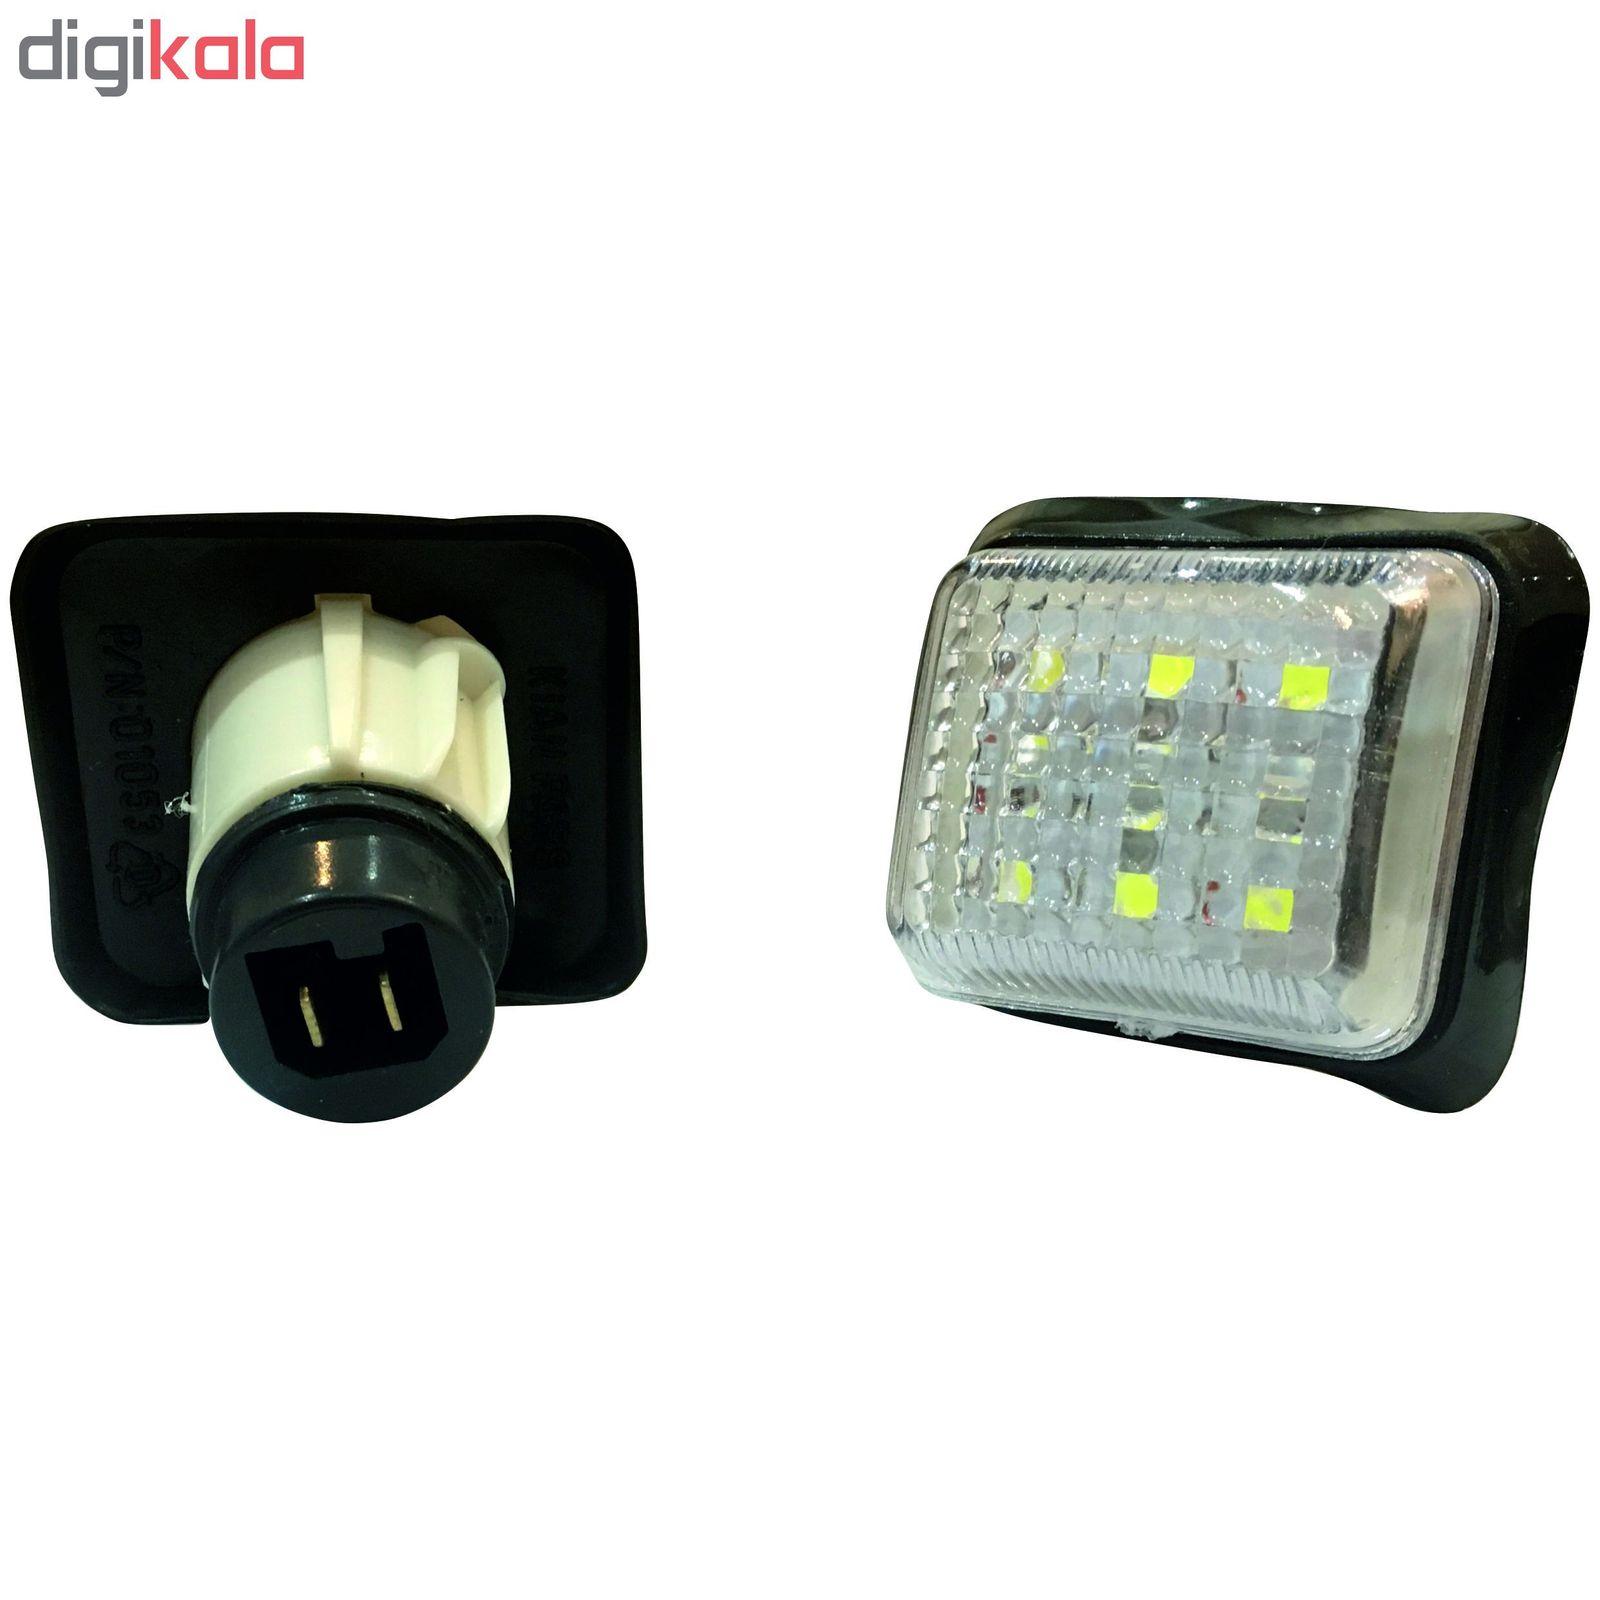 چراغ اس ام دی راهنمای گلگیر مدل PG-01 مناسب برای پژو 405 main 1 1